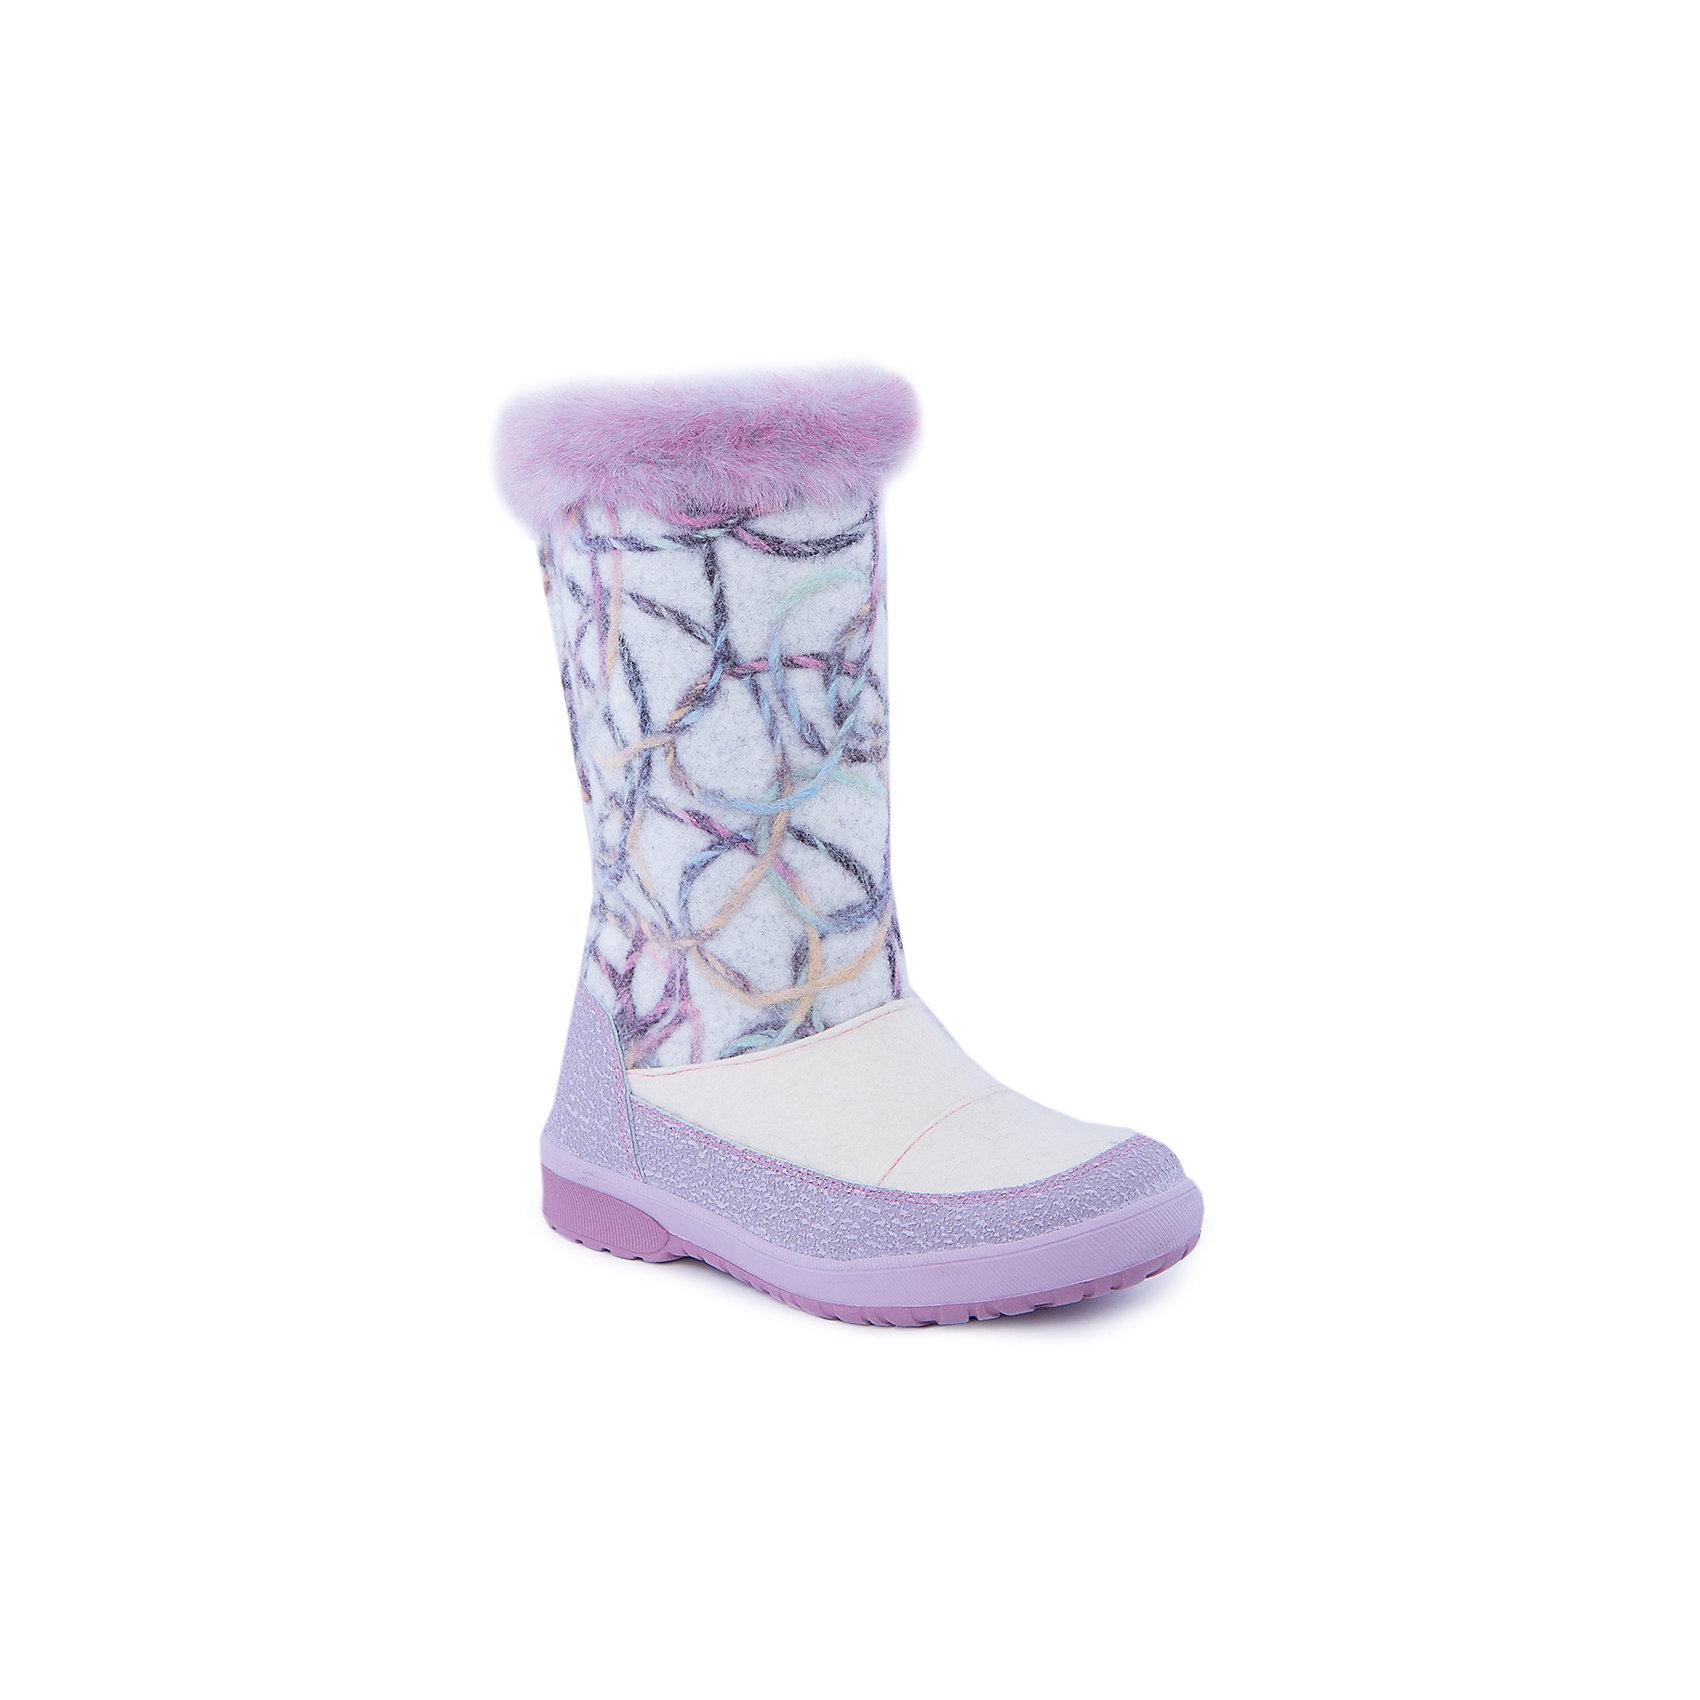 Сапоги для девочки КотофейВаленки<br>Валенки для девочки  от известного российского бренда Котофей<br><br>Модные и удобные валенки помогут защитить детские ножки от сырости и холода. Они легко надеваются, комфортно садятся по ноге.<br><br>Особенности модели: <br><br>- цвет - белый, сиреневый;<br>- стильный дизайн;<br>- опушка сверху;<br>- защита пятки и пальцев;<br>- удобная колодка;<br>- подкладка утепленная;<br>- вид крепления – клеевой;<br>- амортизирующая подошва;<br>- застежка - молния.<br><br>Дополнительная информация:<br><br>Температурный режим: <br><br>от 0° С до -25° С<br><br>Состав:<br>верх – войлок;<br>подкладка - шерстяной мех;<br>подошва - ТЭП.<br><br>Валенки для девочки Котофей можно купить в нашем магазине.<br><br>Ширина мм: 257<br>Глубина мм: 180<br>Высота мм: 130<br>Вес г: 420<br>Цвет: белый<br>Возраст от месяцев: 156<br>Возраст до месяцев: 168<br>Пол: Женский<br>Возраст: Детский<br>Размер: 37,32,34,37.5,36,35,33<br>SKU: 4315341